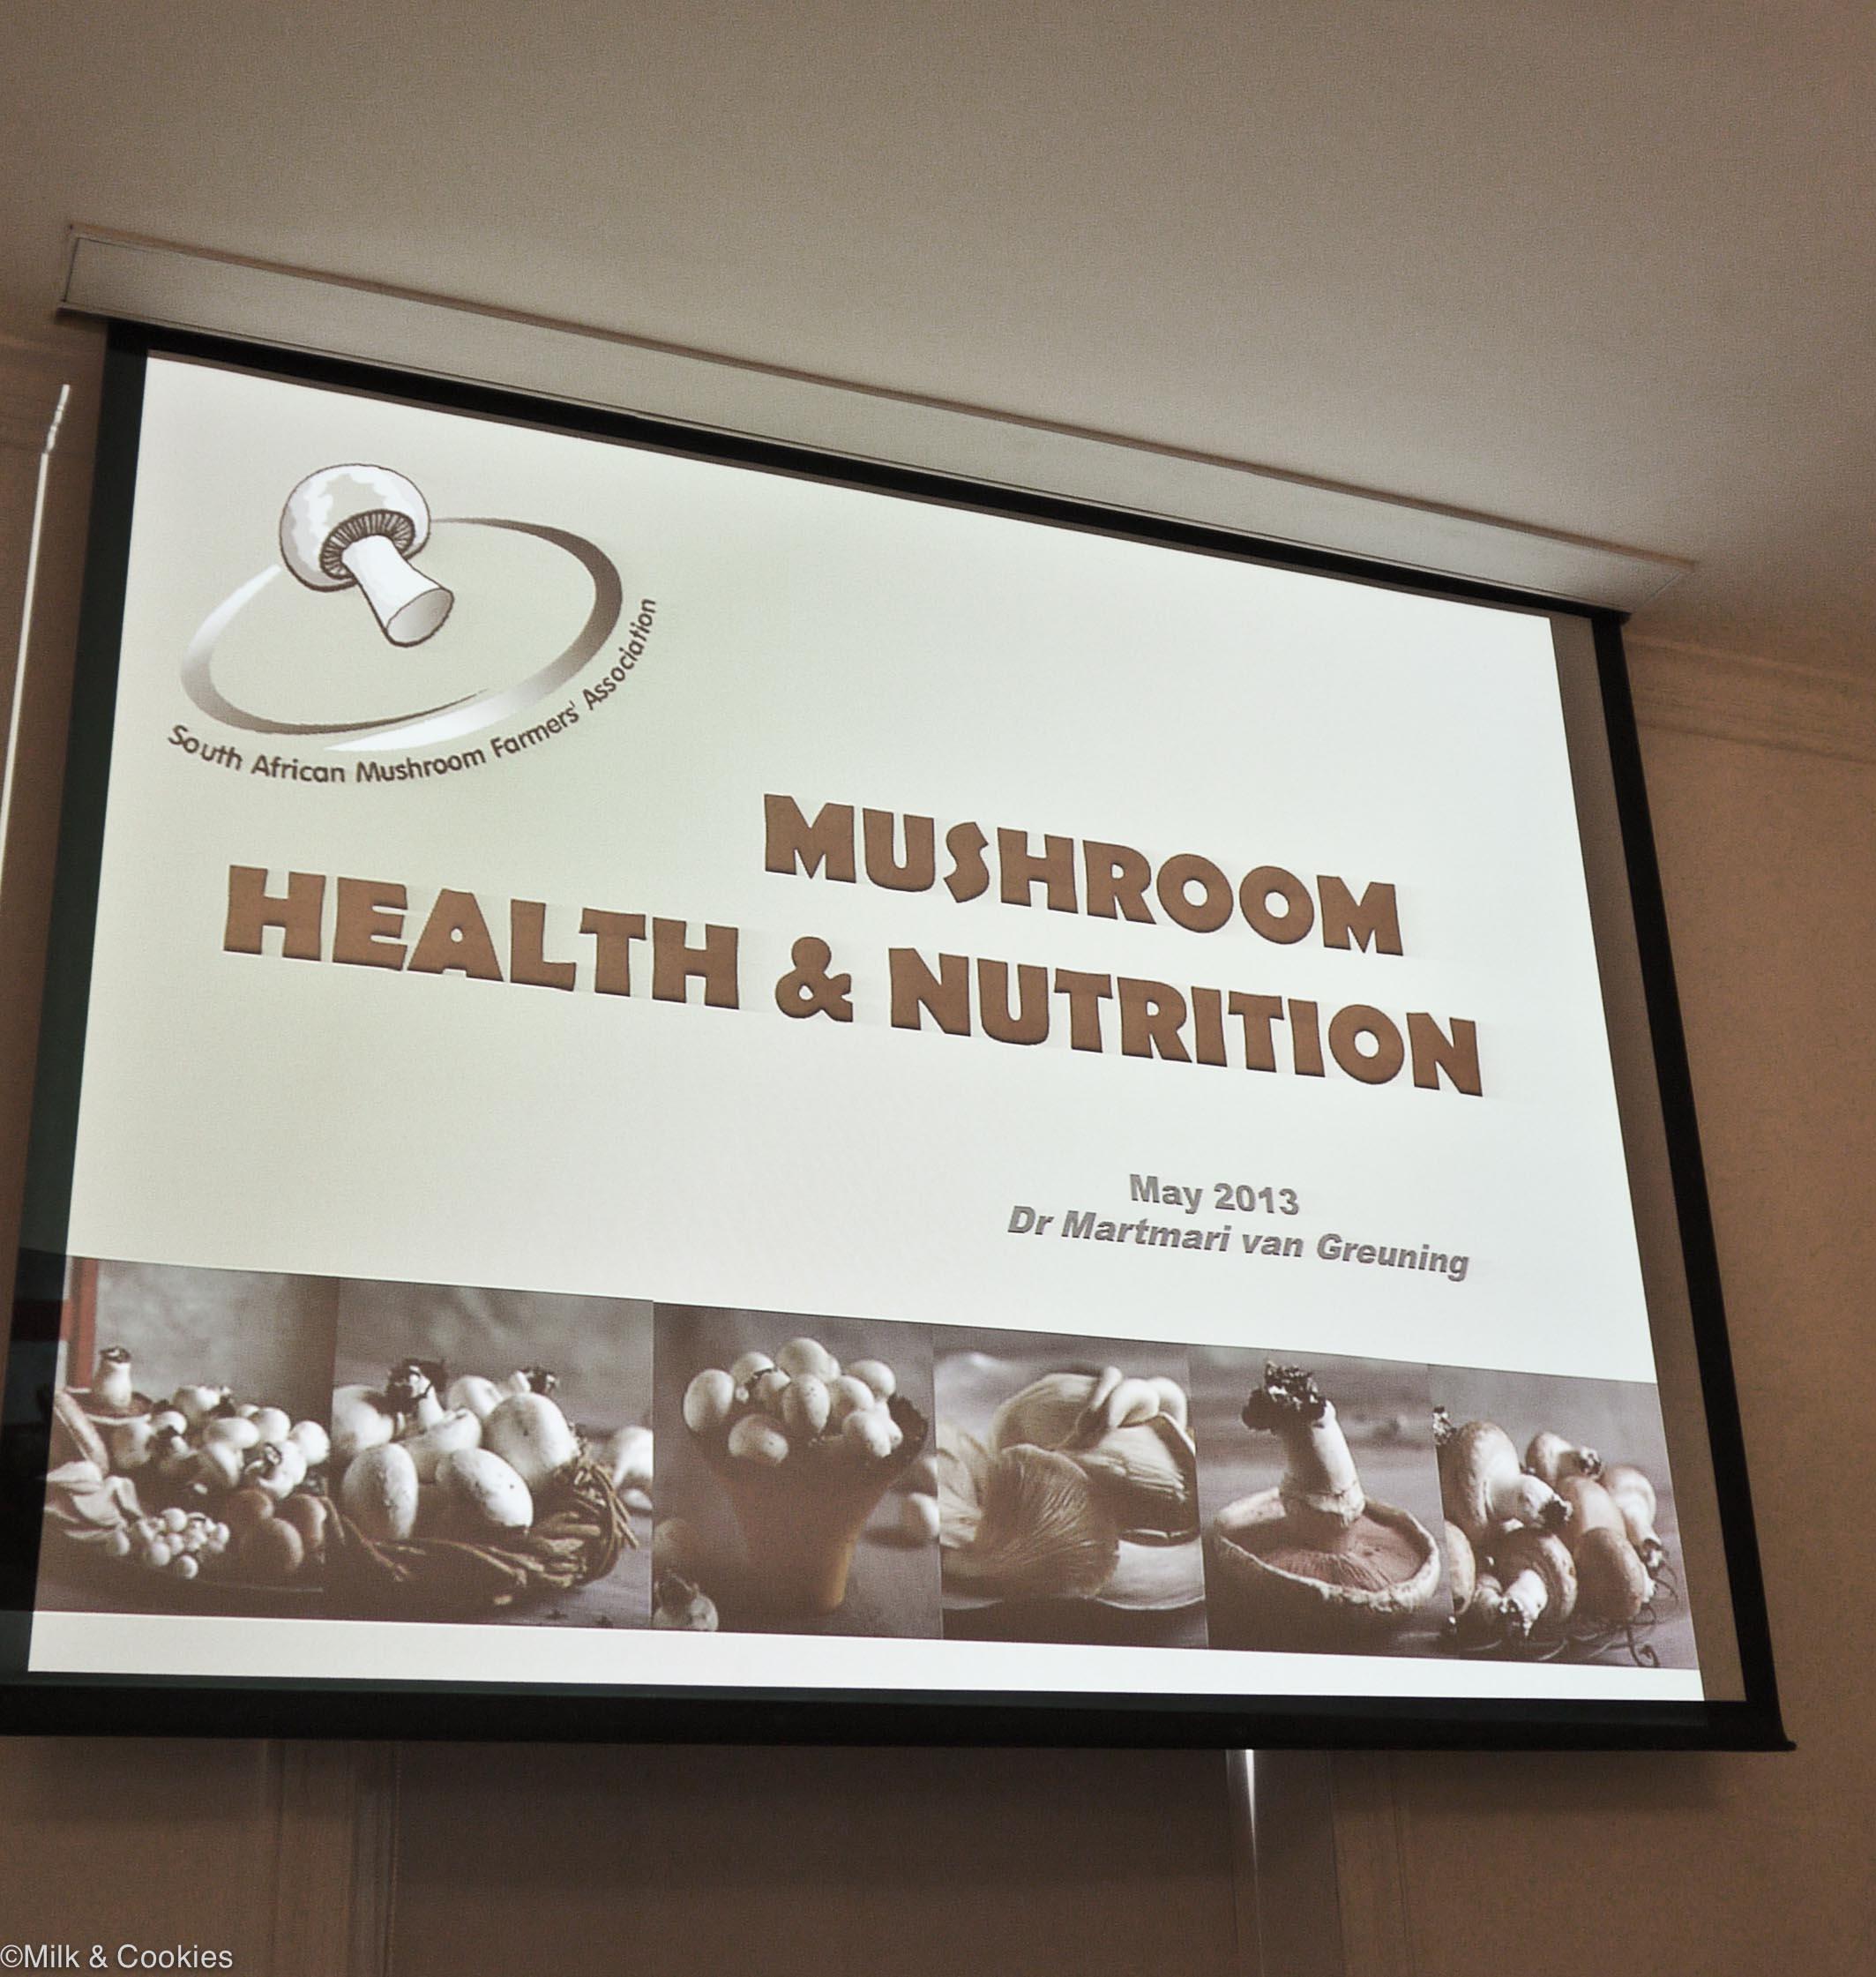 South African Farmers Mushroom Association | www.milkandcookiessa.wordpress.com